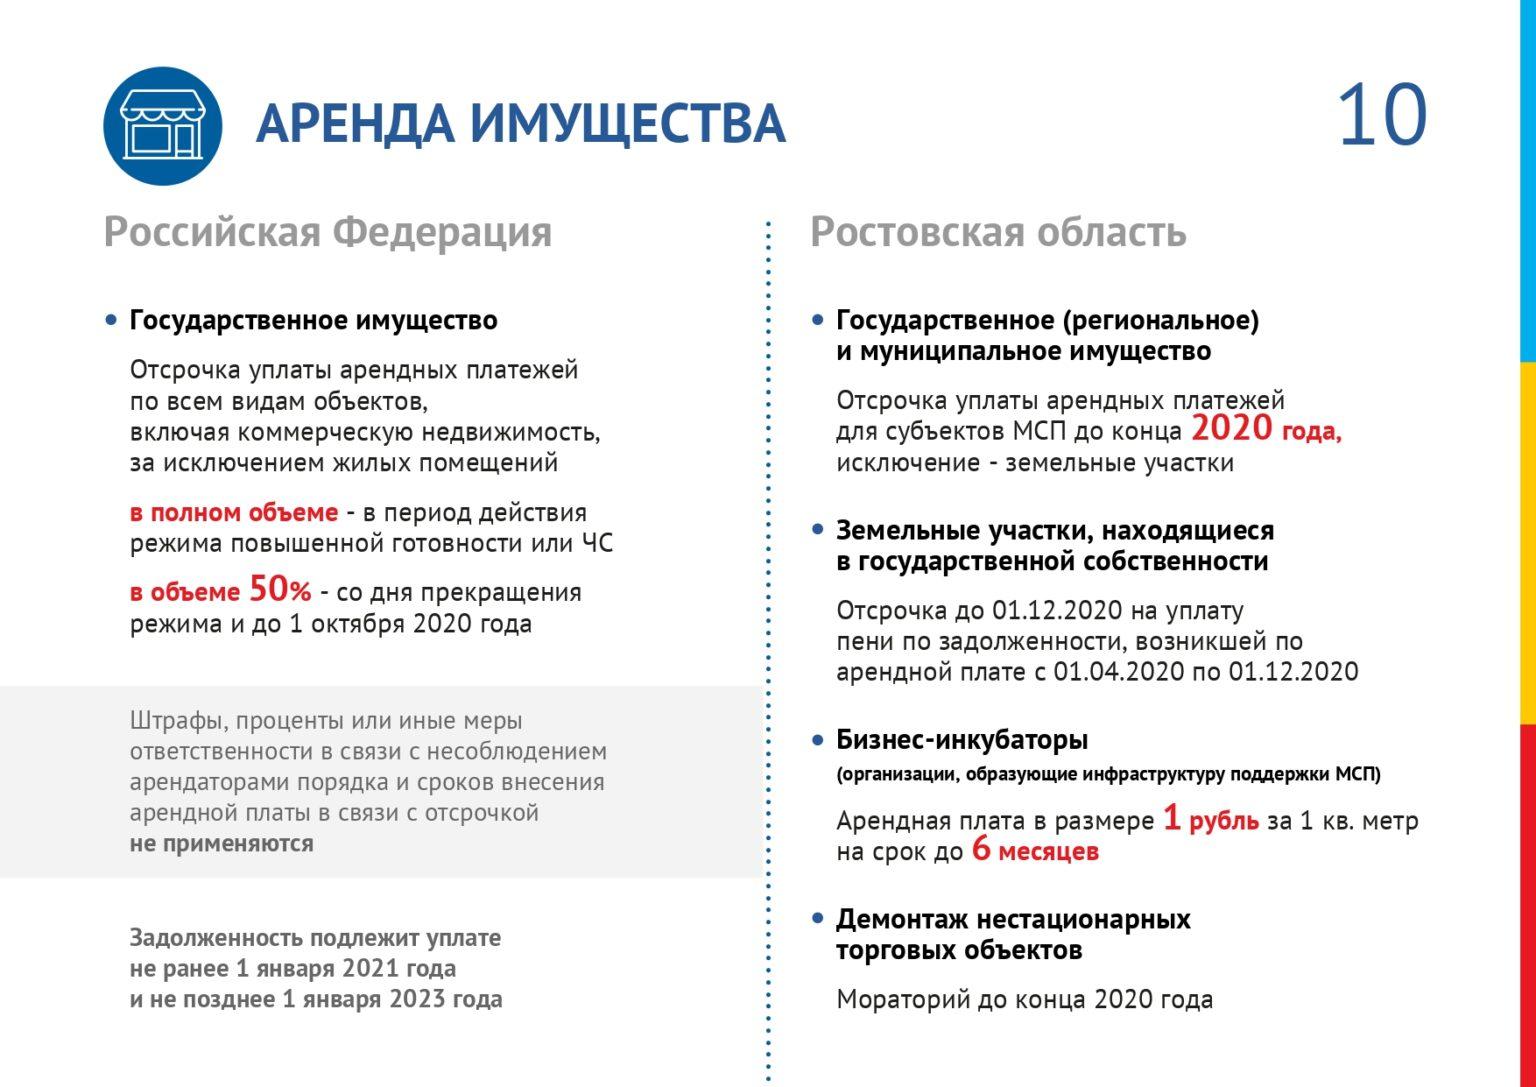 Презентация_page-0010